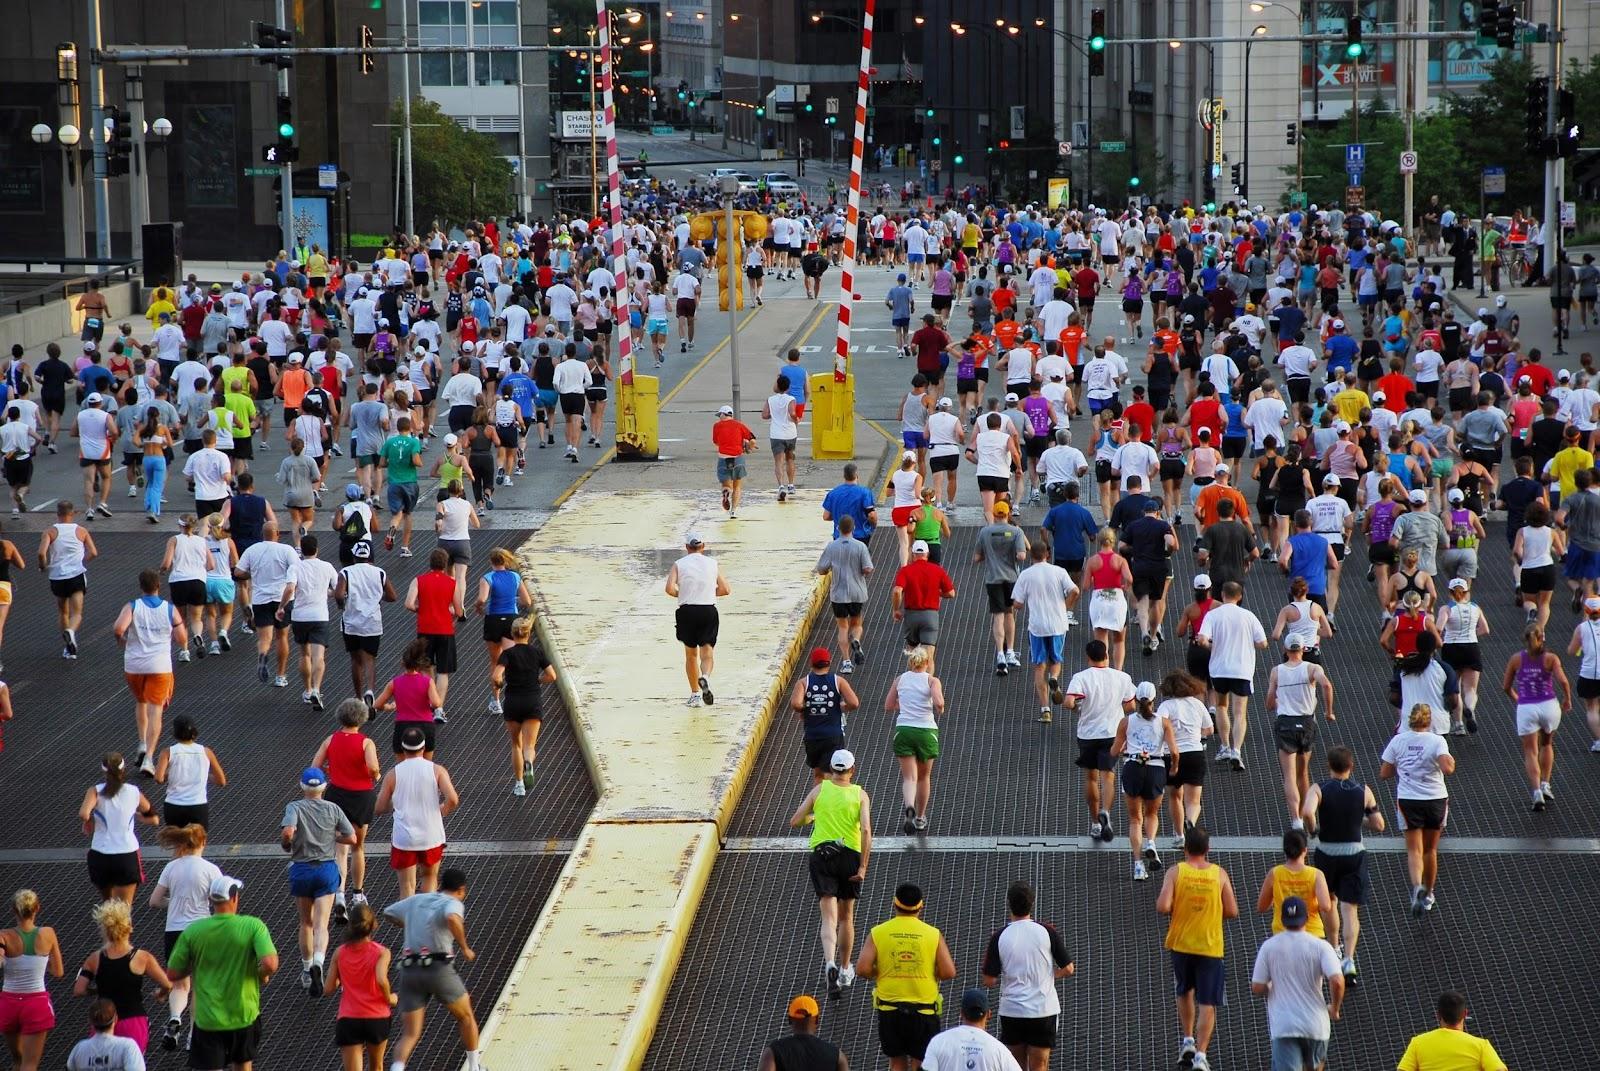 推薦女參賽者們報名芝加哥海外馬拉松,兼到芝加哥旅遊!